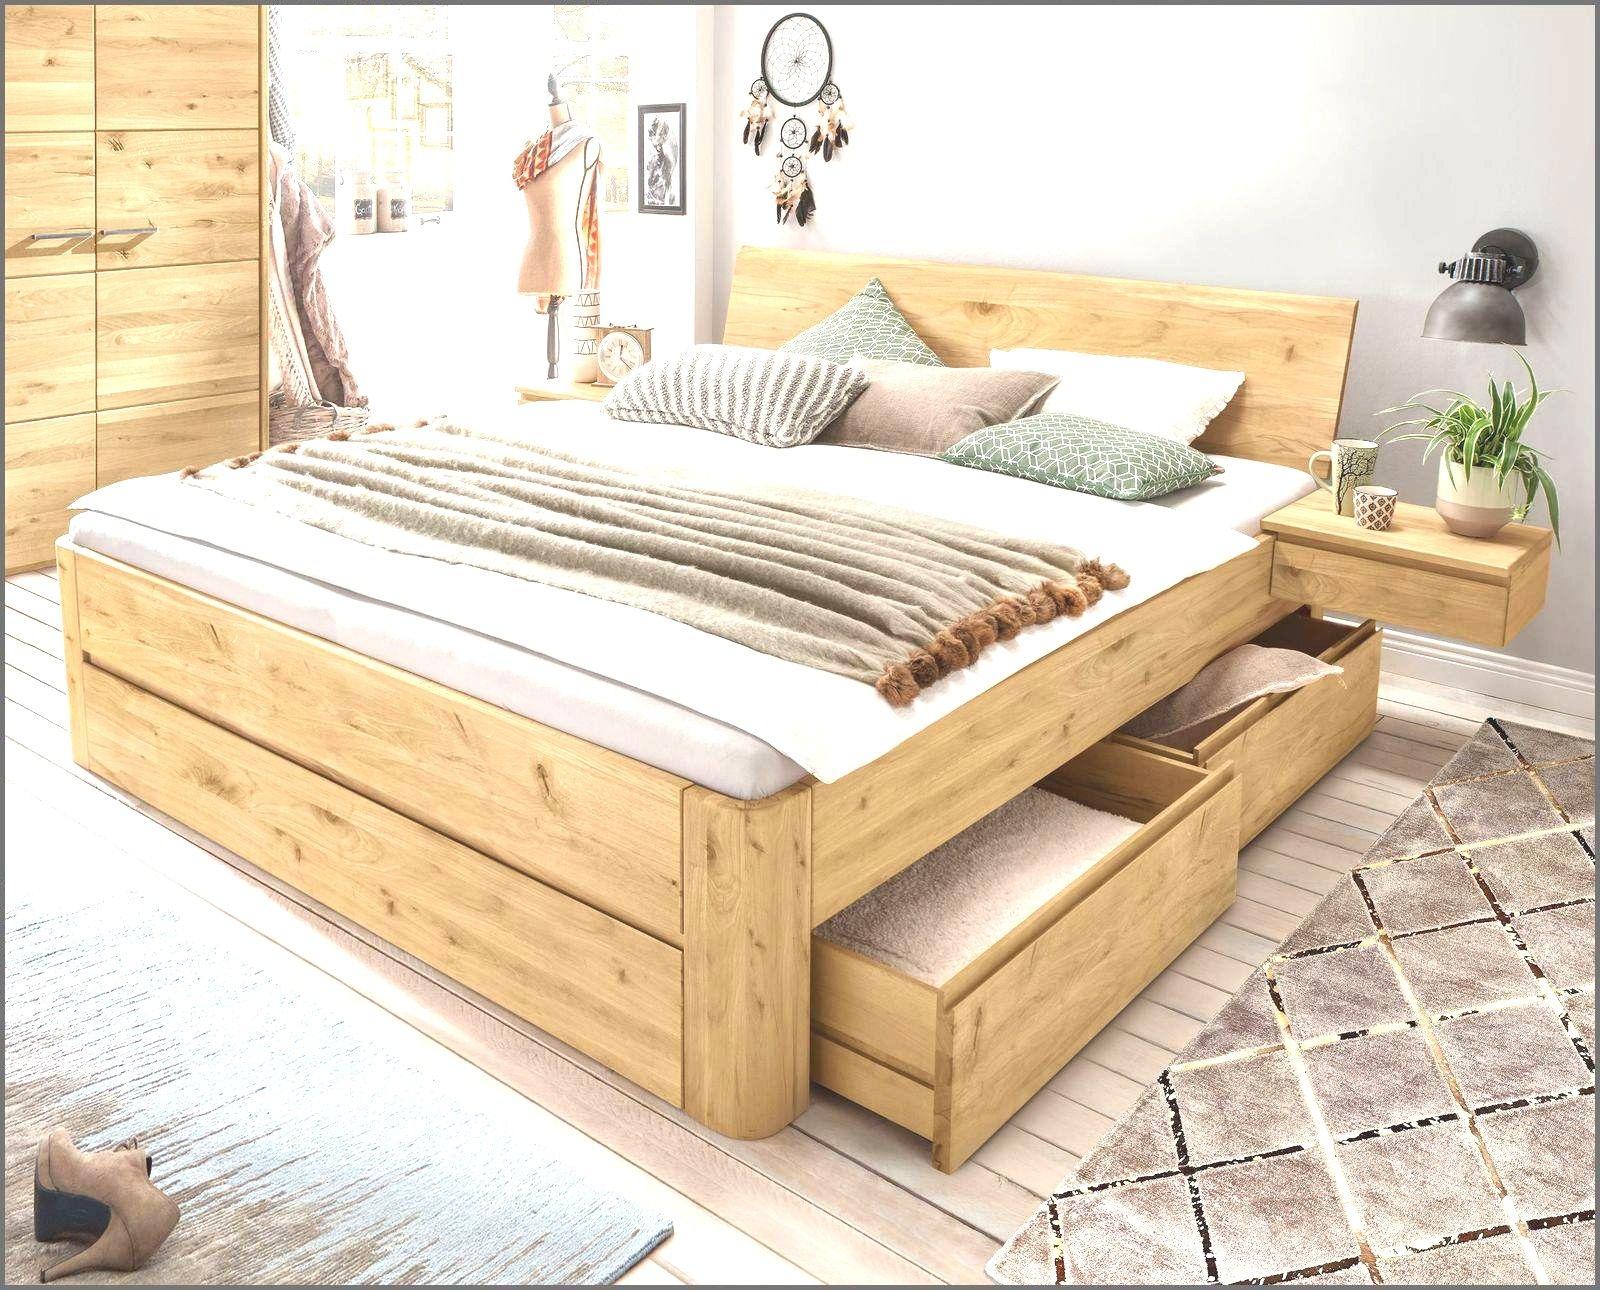 Bett Holzbalken Selber Bauen Bett Selber Bauen Holzbalken Bett Bett Holz